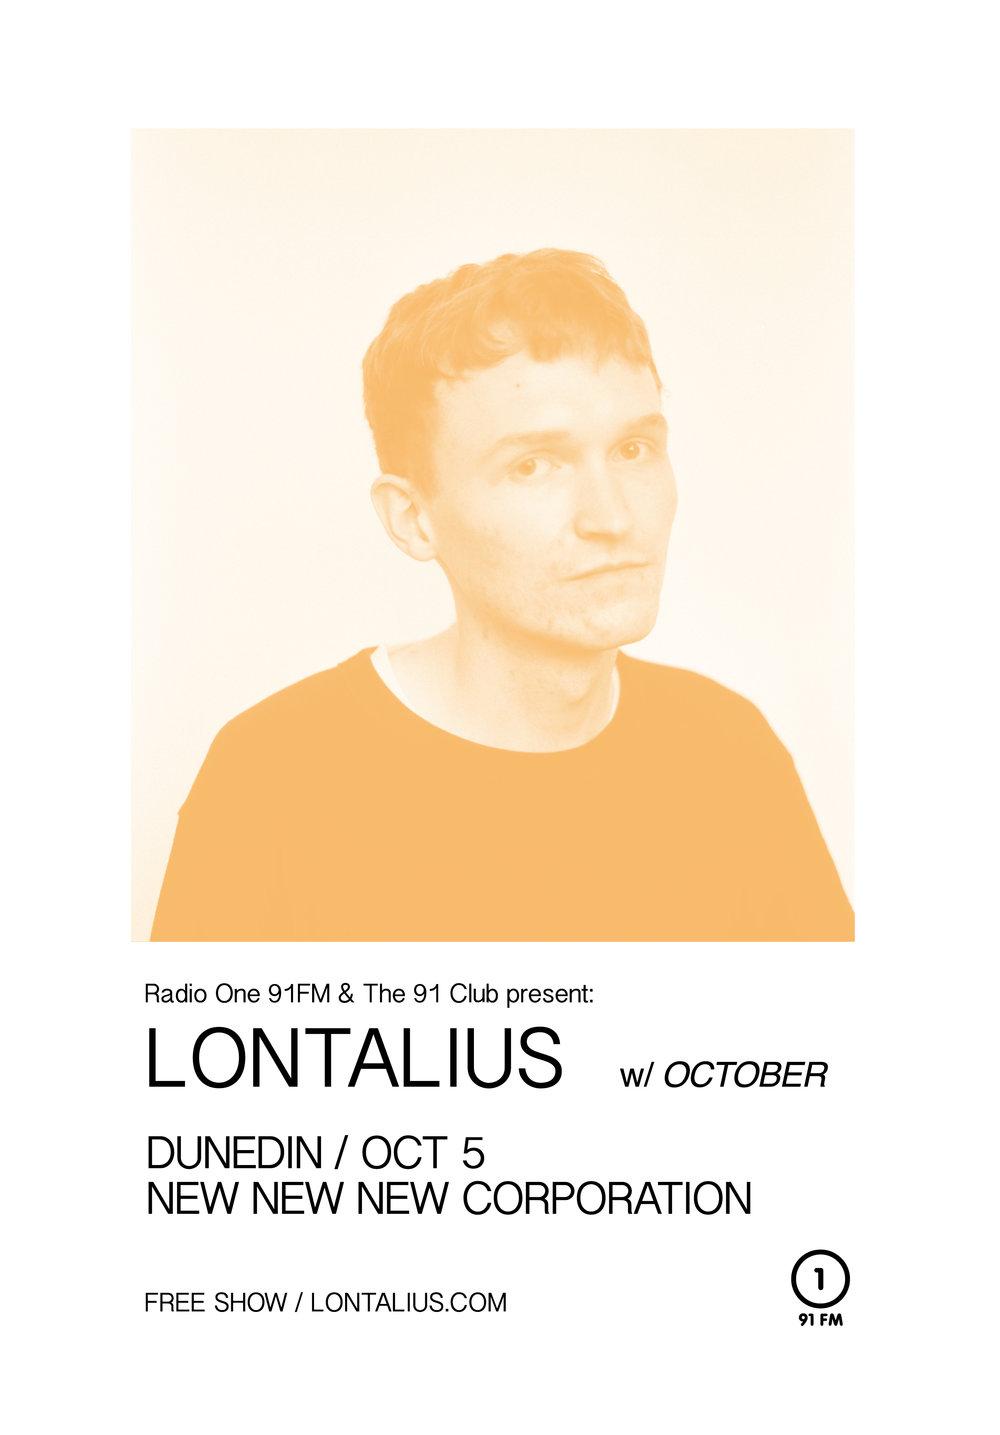 Lontalius-Dunedin-poster-updated.jpg